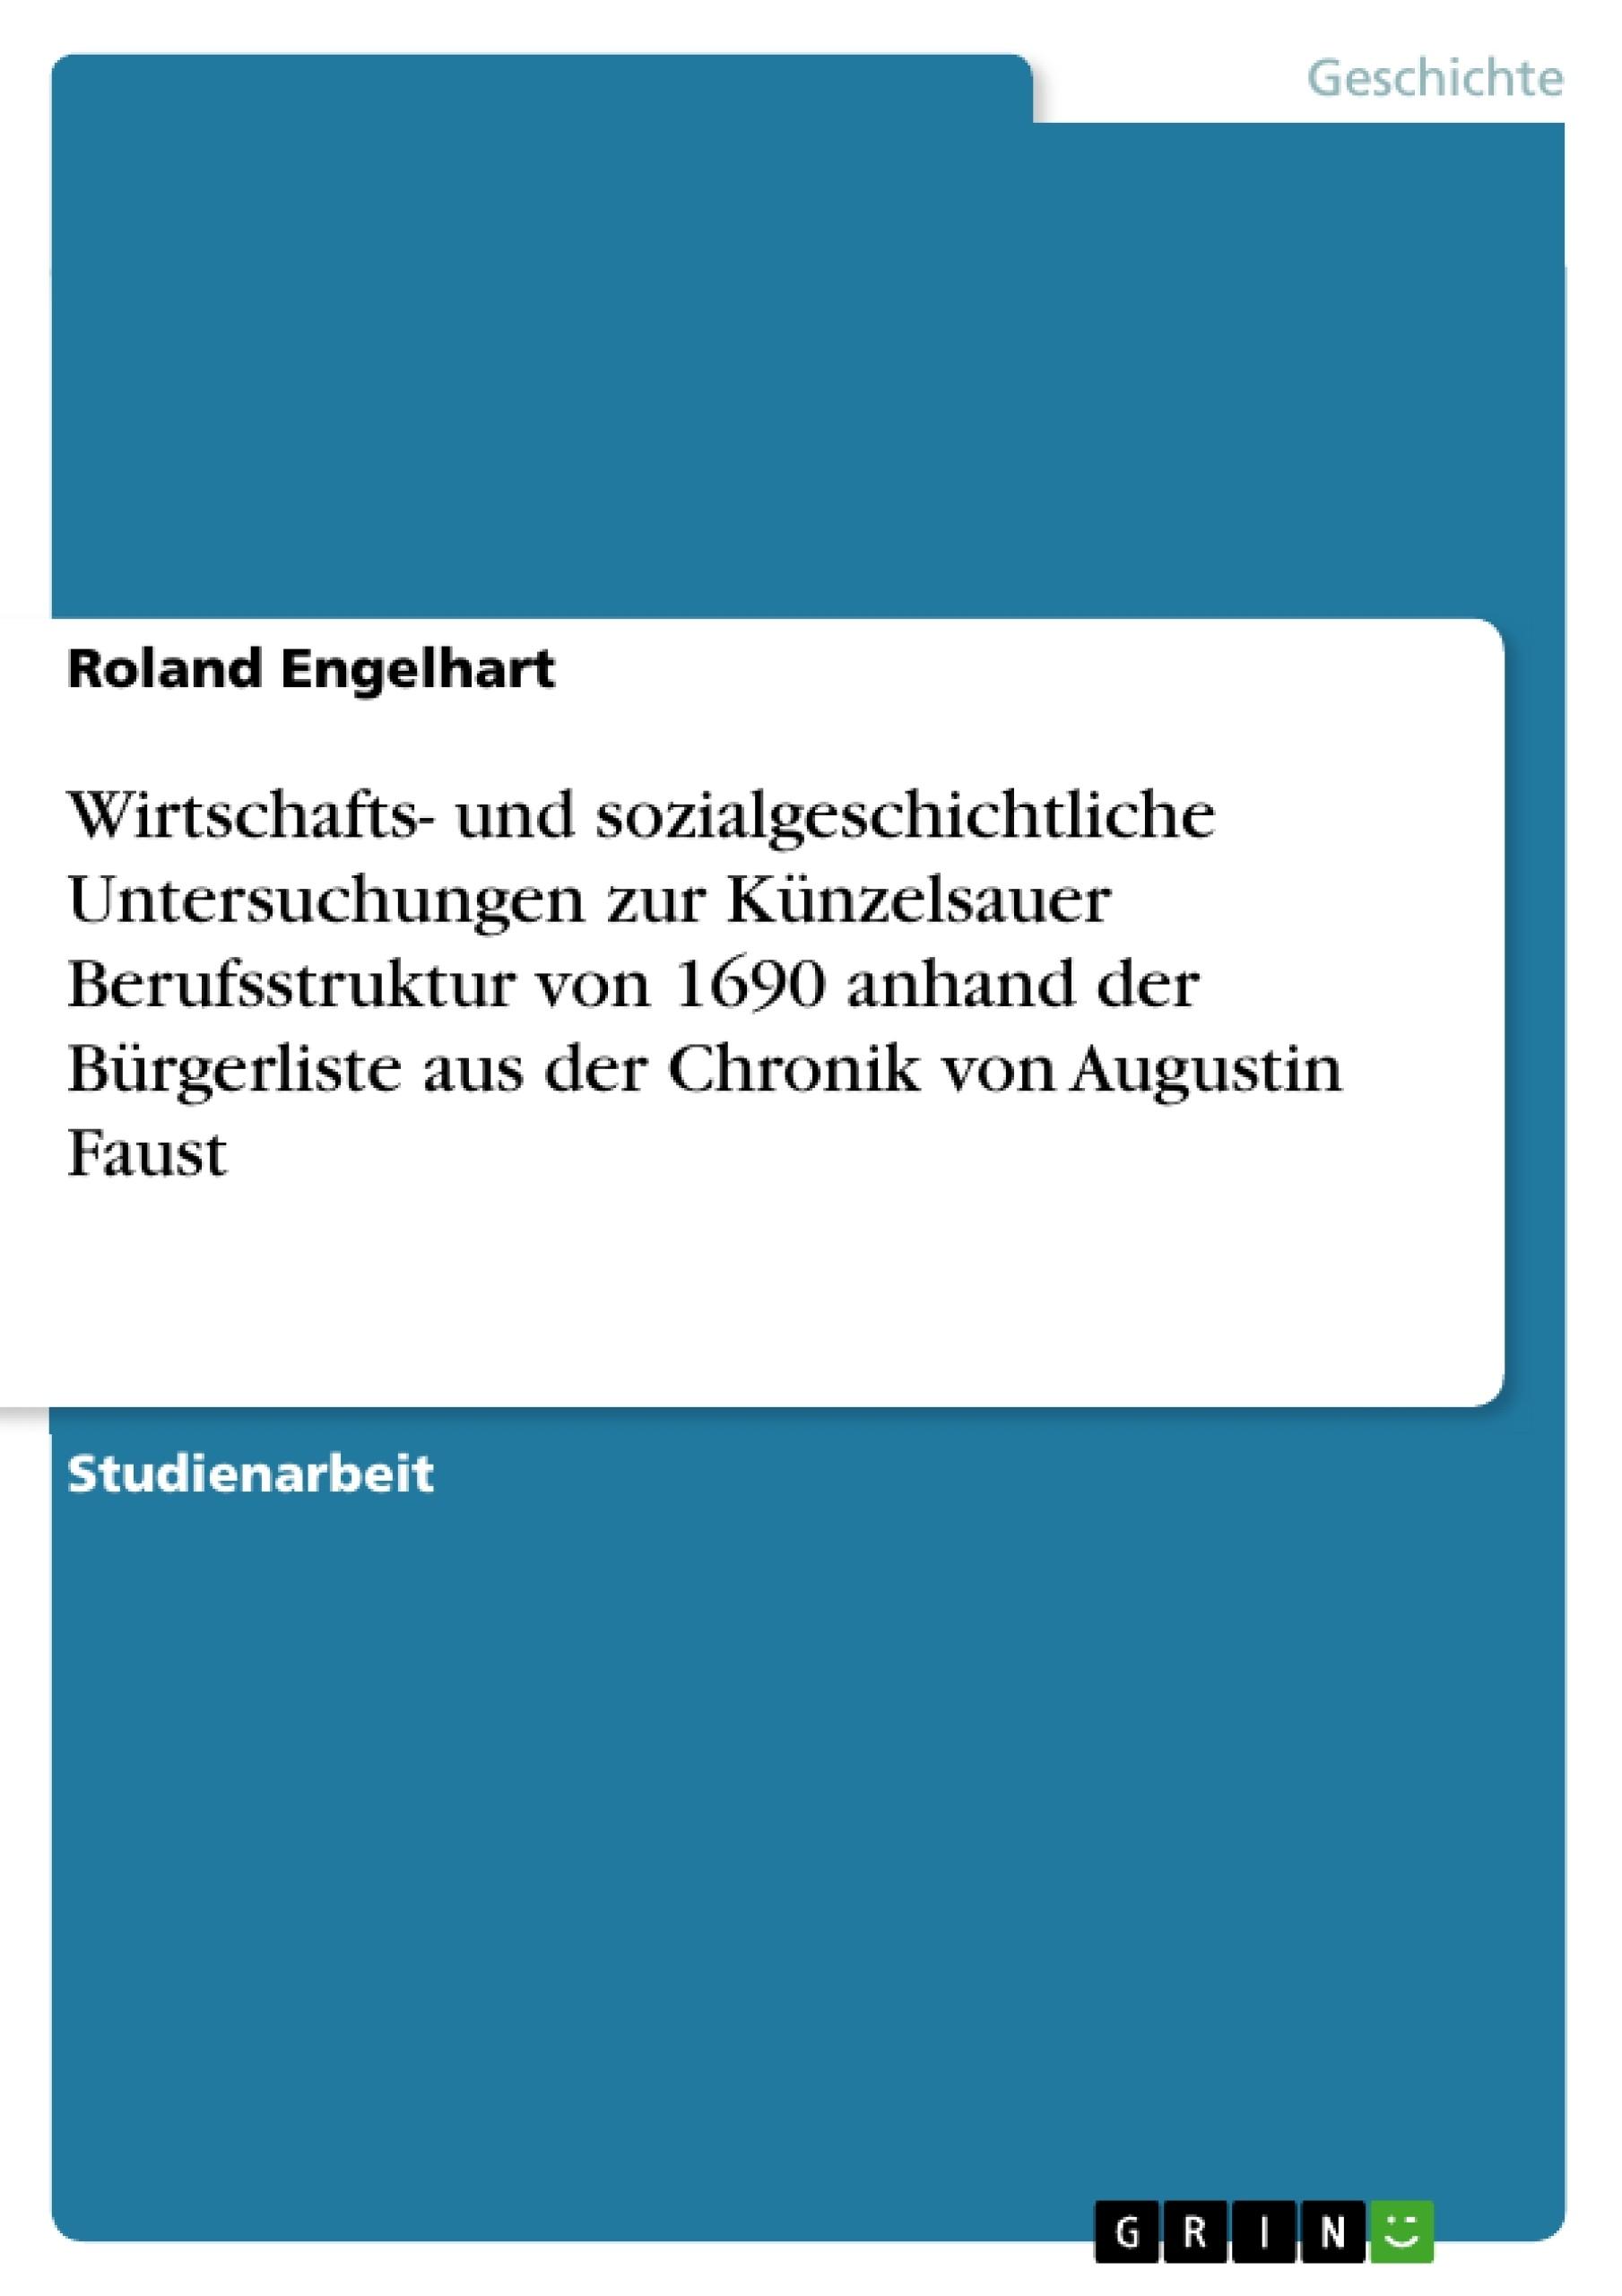 Titel: Wirtschafts- und sozialgeschichtliche Untersuchungen zur Künzelsauer Berufsstruktur von 1690 anhand der Bürgerliste aus der Chronik von Augustin Faust